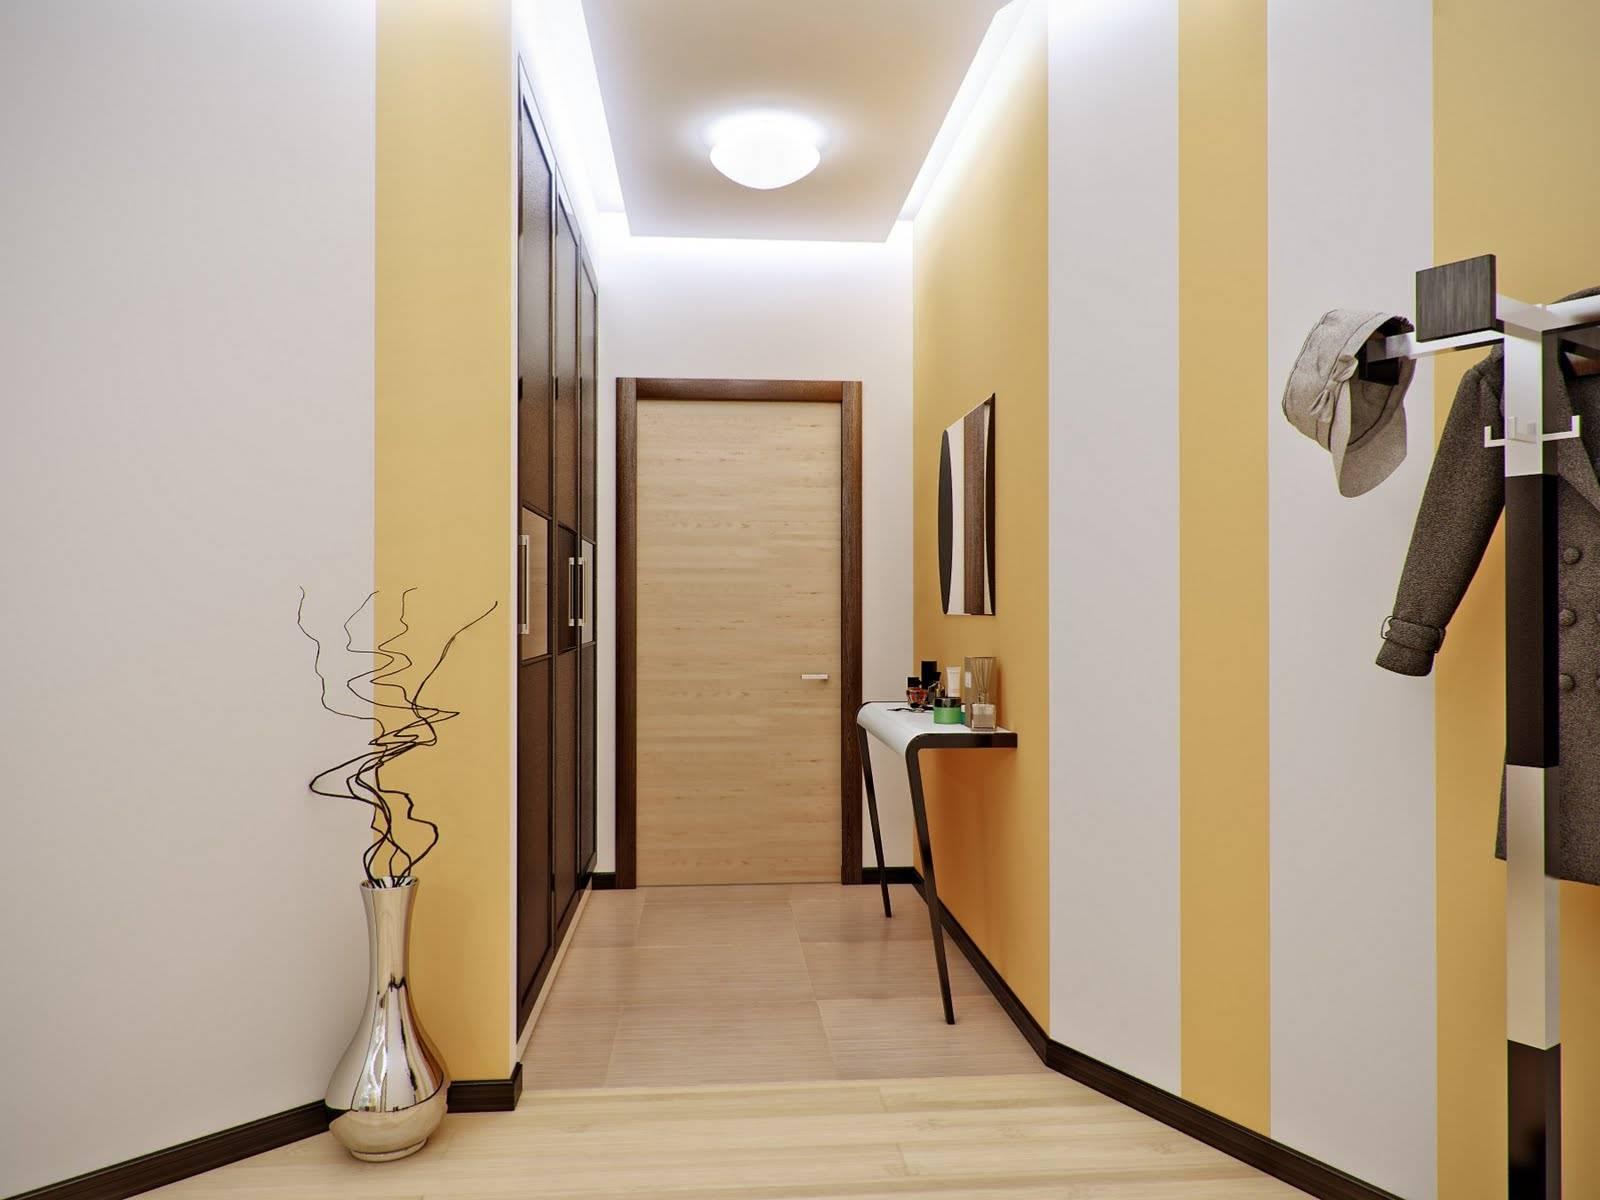 Какие светильники выбрать для натяжных потолков: виды, отличия, цены, что лучше?